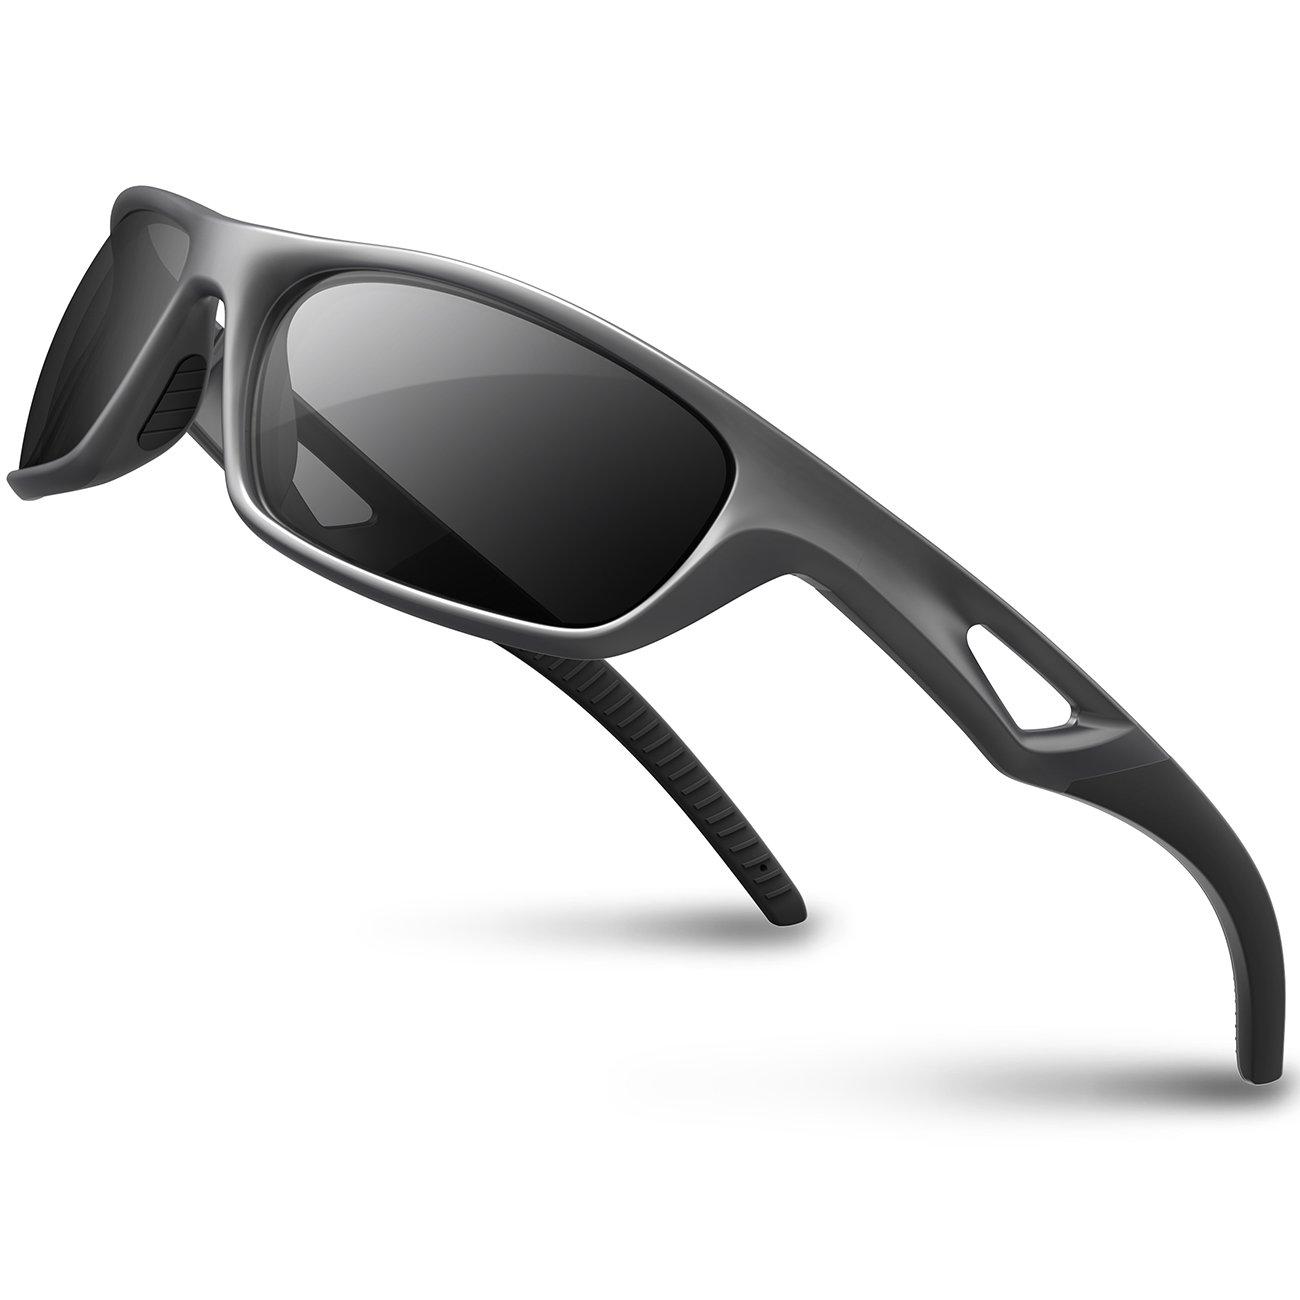 F366 by Bertoni Clip /Óptico para Lentes Correctivas Patillas Sustituibles con Banda Elastica Gafas Moto Fotocromaticas Lentes Anti-Vaho